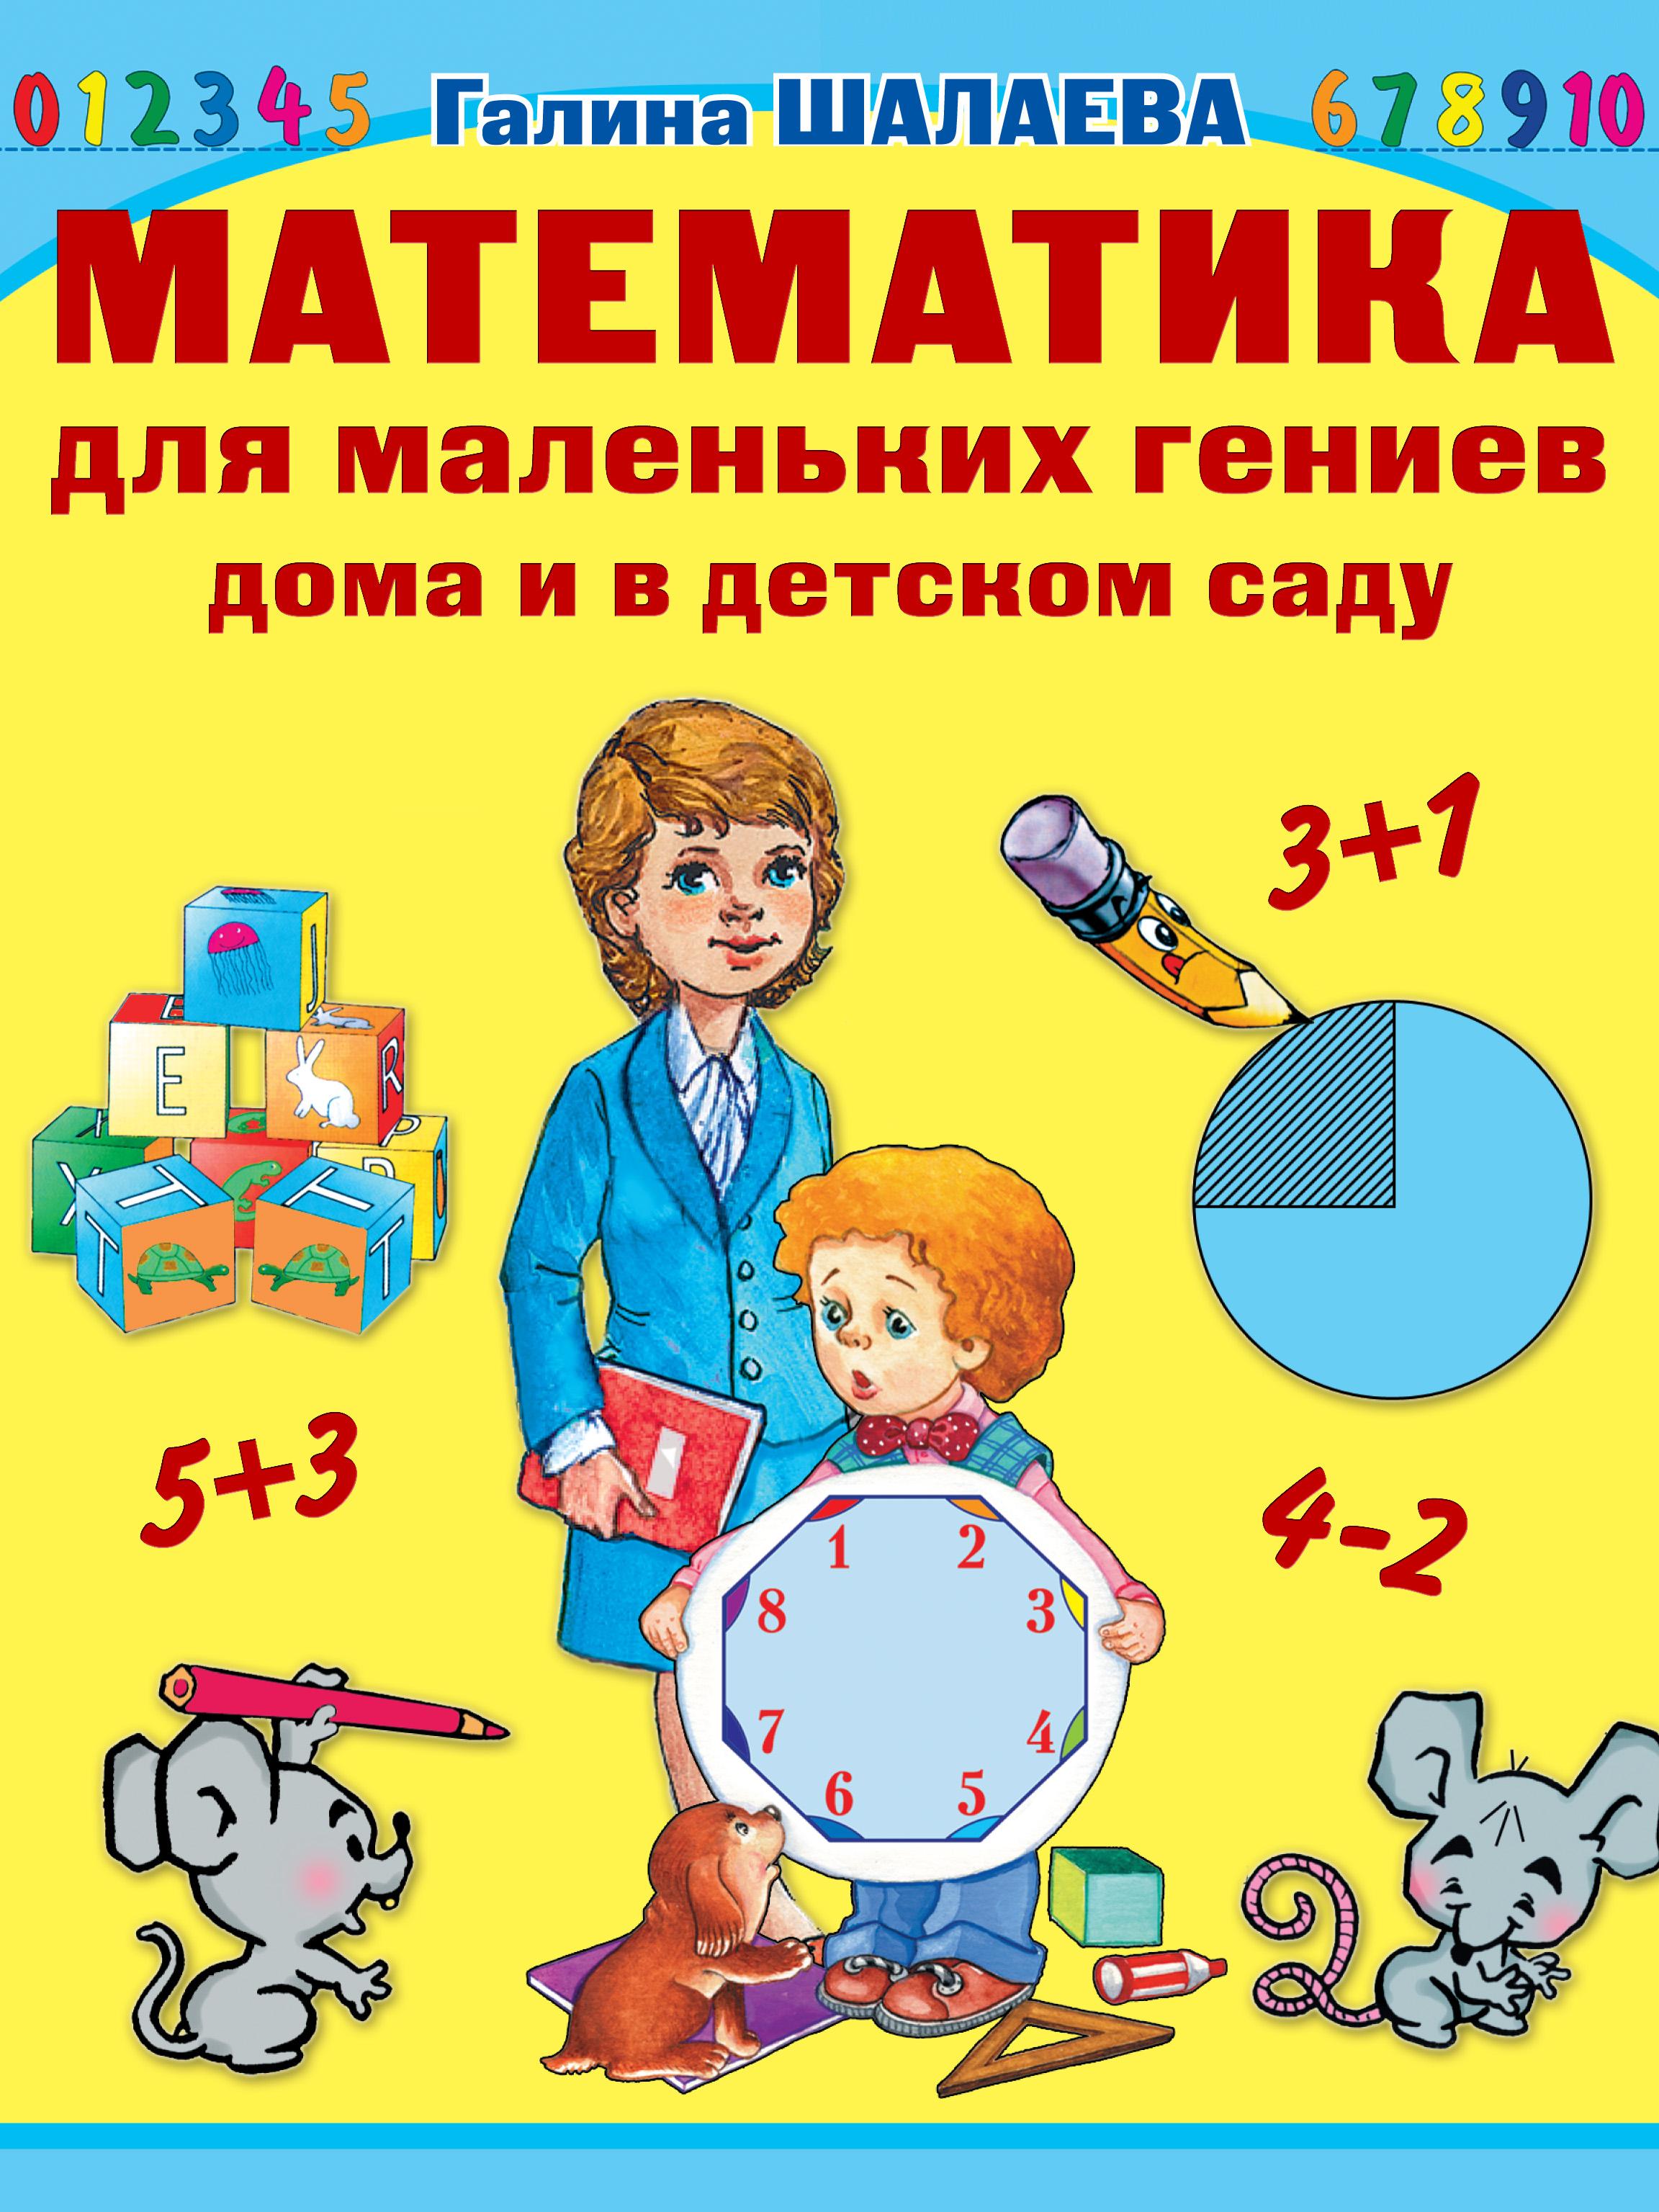 Математика для маленьких гениев дома и в детском саду